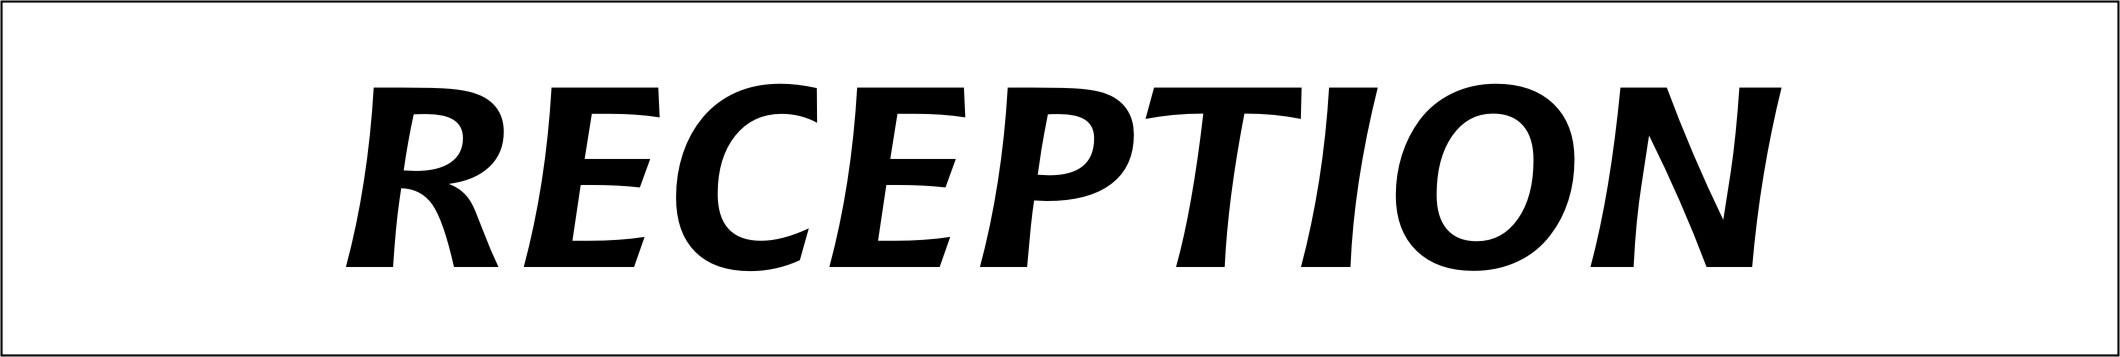 RECEPTION DOOR SIGN (Example Sign)